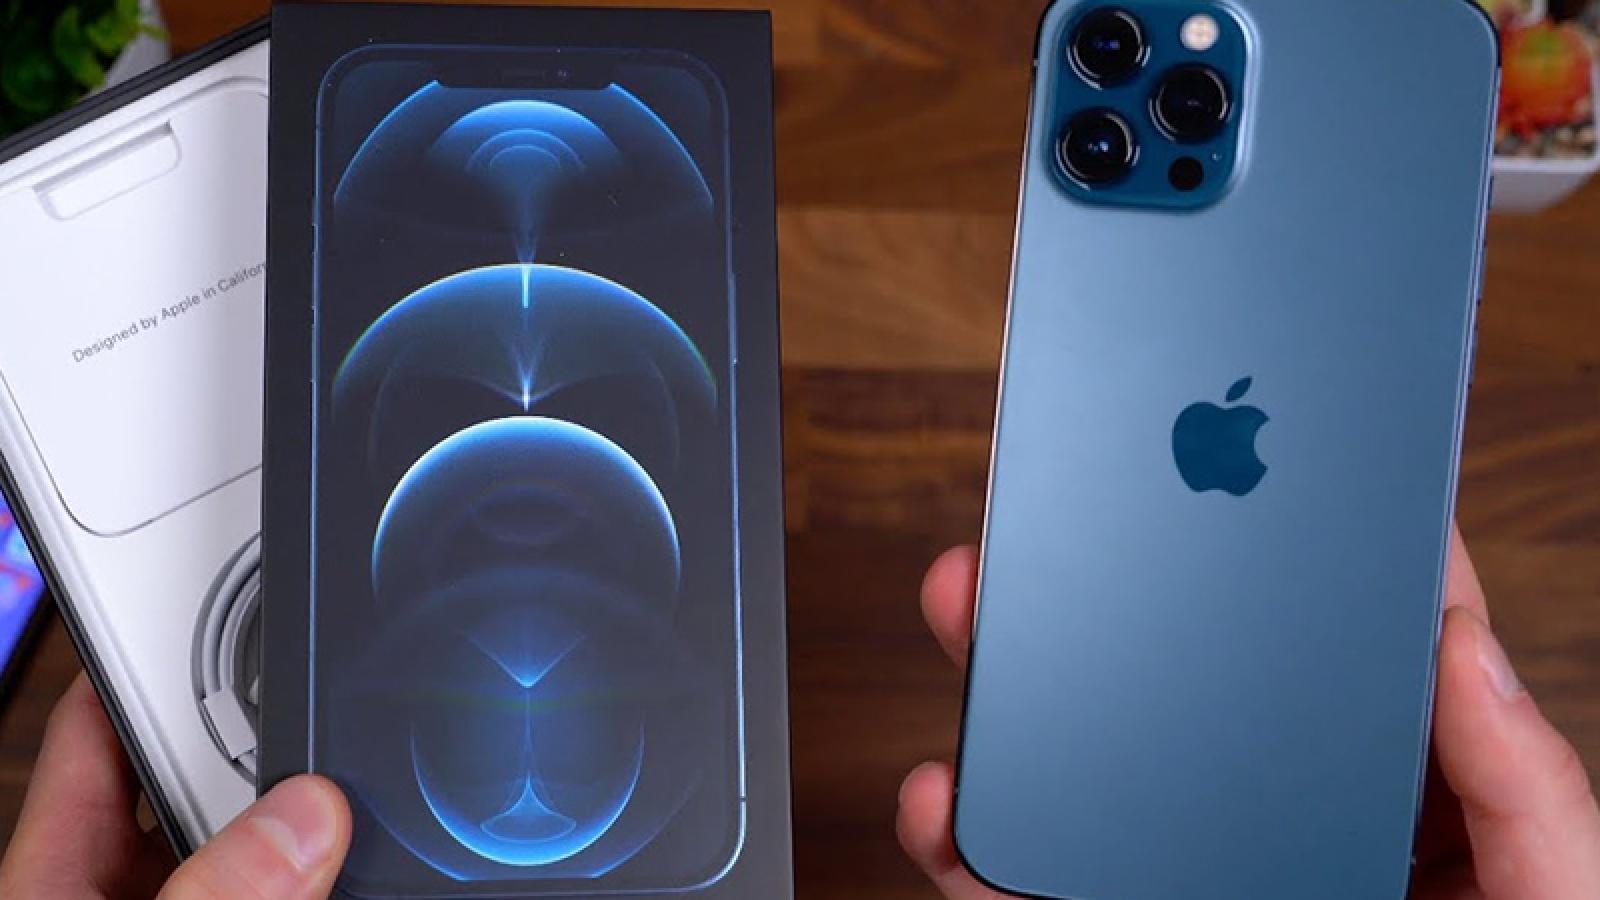 Sinh viên Trung Quốc kiện Apple vì không kèm bộ sạc cho iPhone